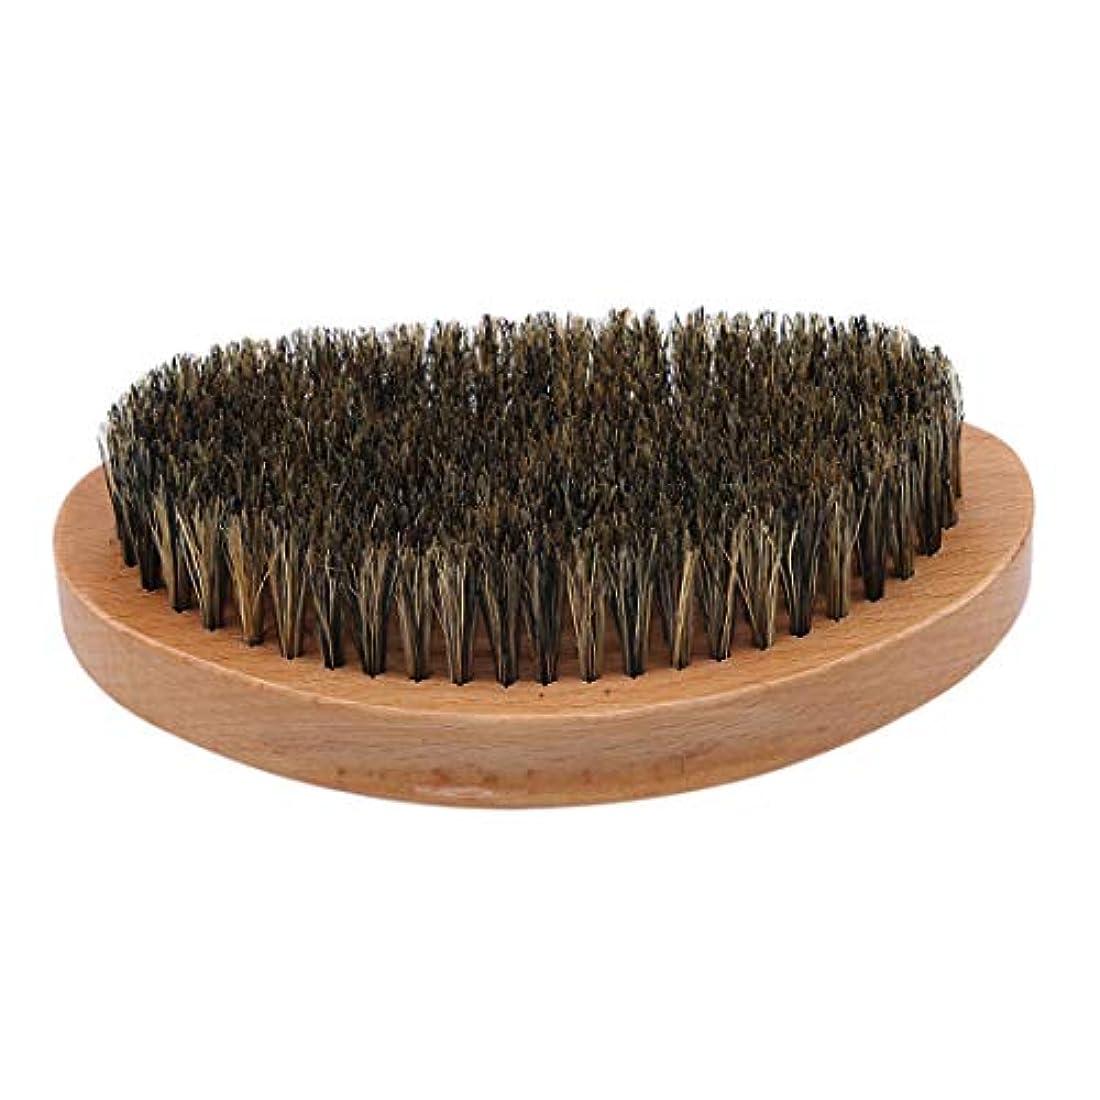 お客様色合い照らすKLUMA ひげブラシ シェービングブラシ 髭剃り 毛髭ブラシ 泡立ち 理容 美容ツール 旅行用 1#